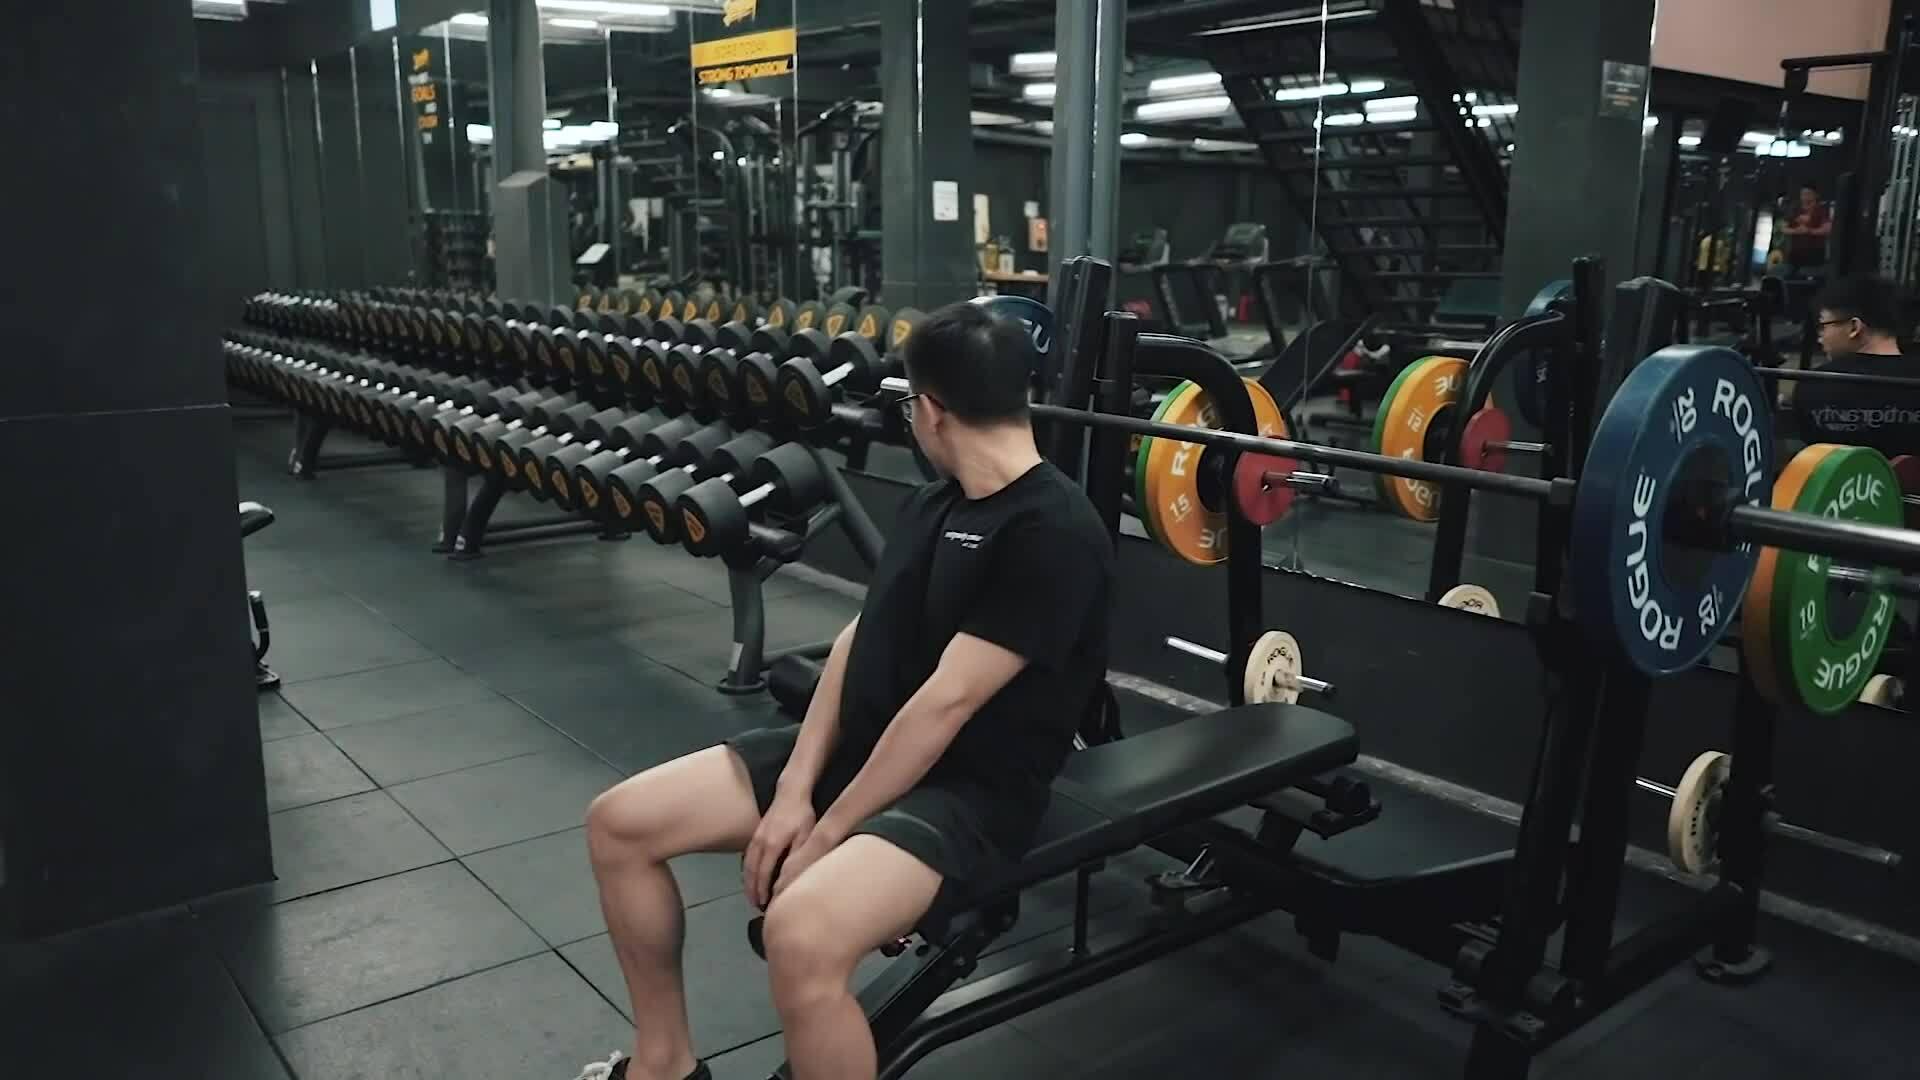 Bài tập kích hoạt cơ bắp với tạ